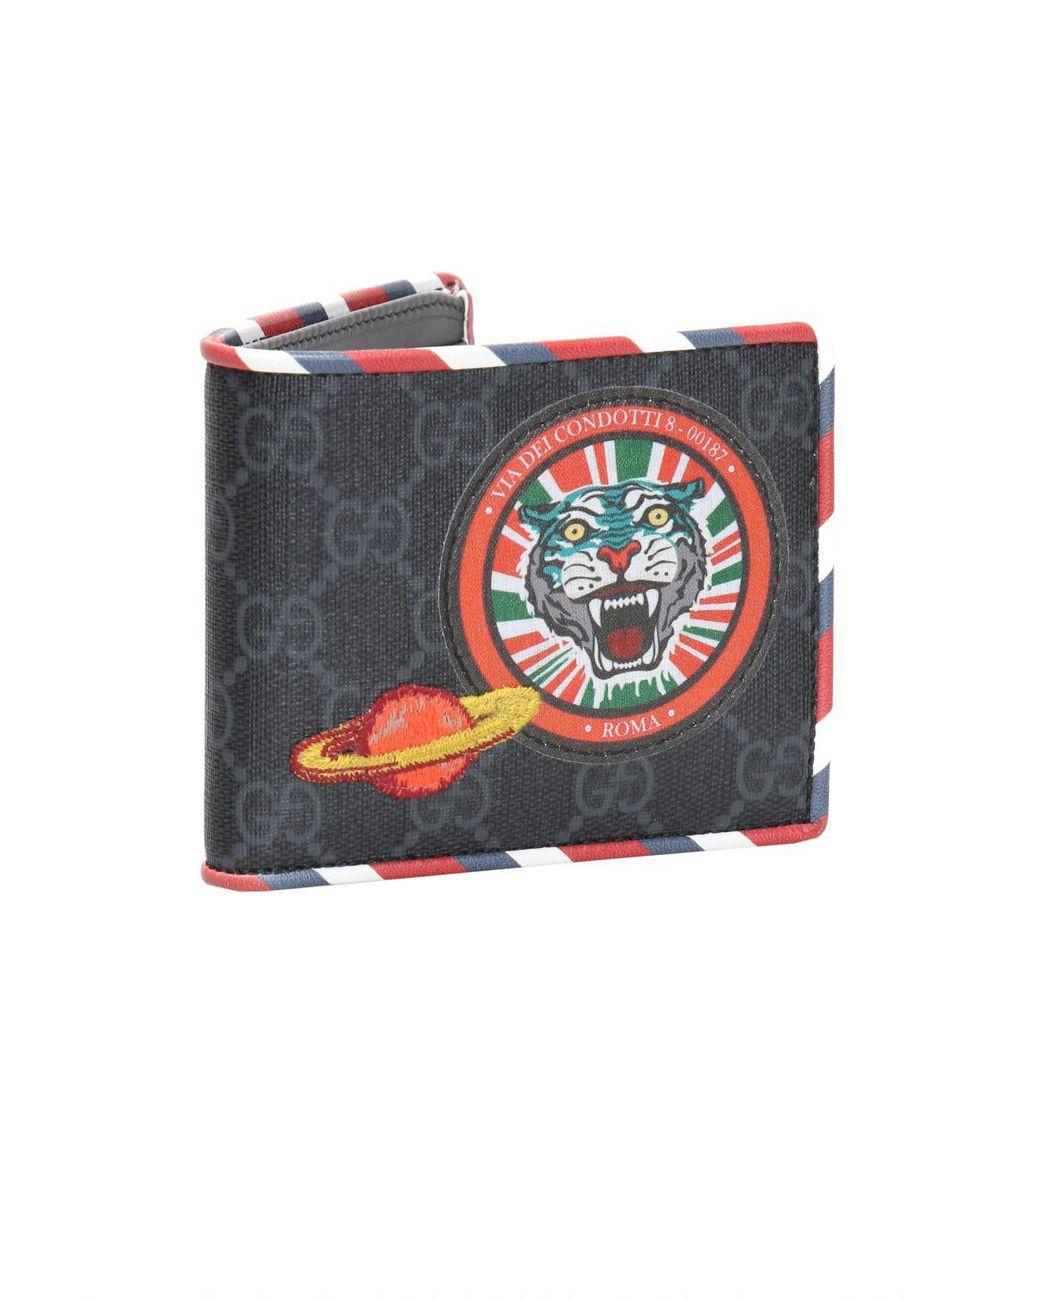 5d39c696e7d Gucci  GG Supreme  Canvas Bi-fold Wallet for Men - Save 18% - Lyst